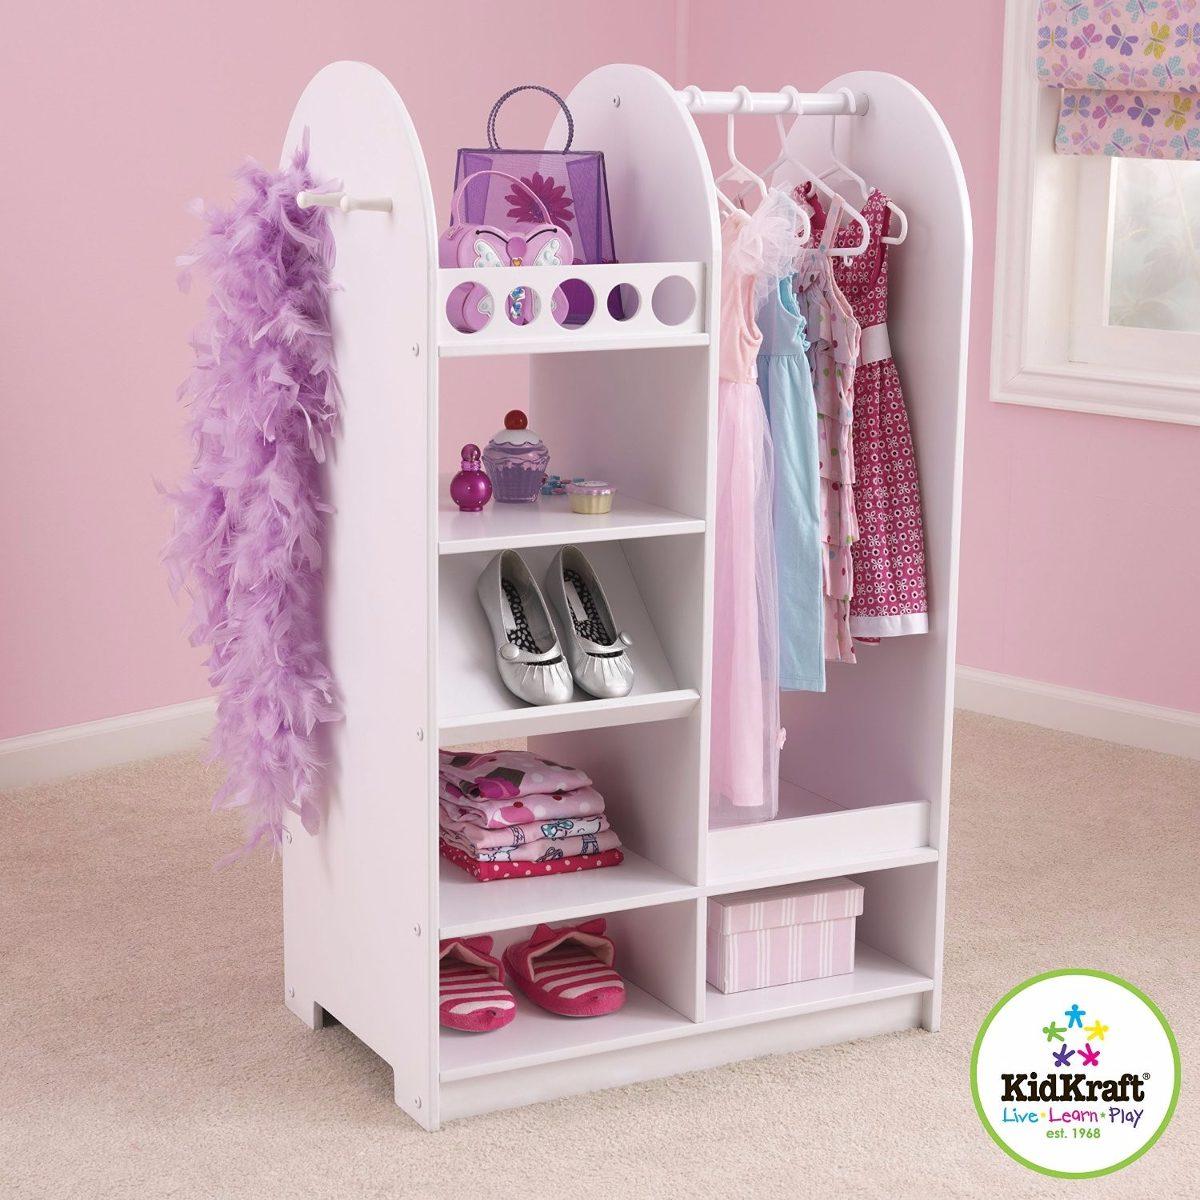 ropero roperito closet para ni a con espejo kid craft vv4 5 en mercado libre. Black Bedroom Furniture Sets. Home Design Ideas